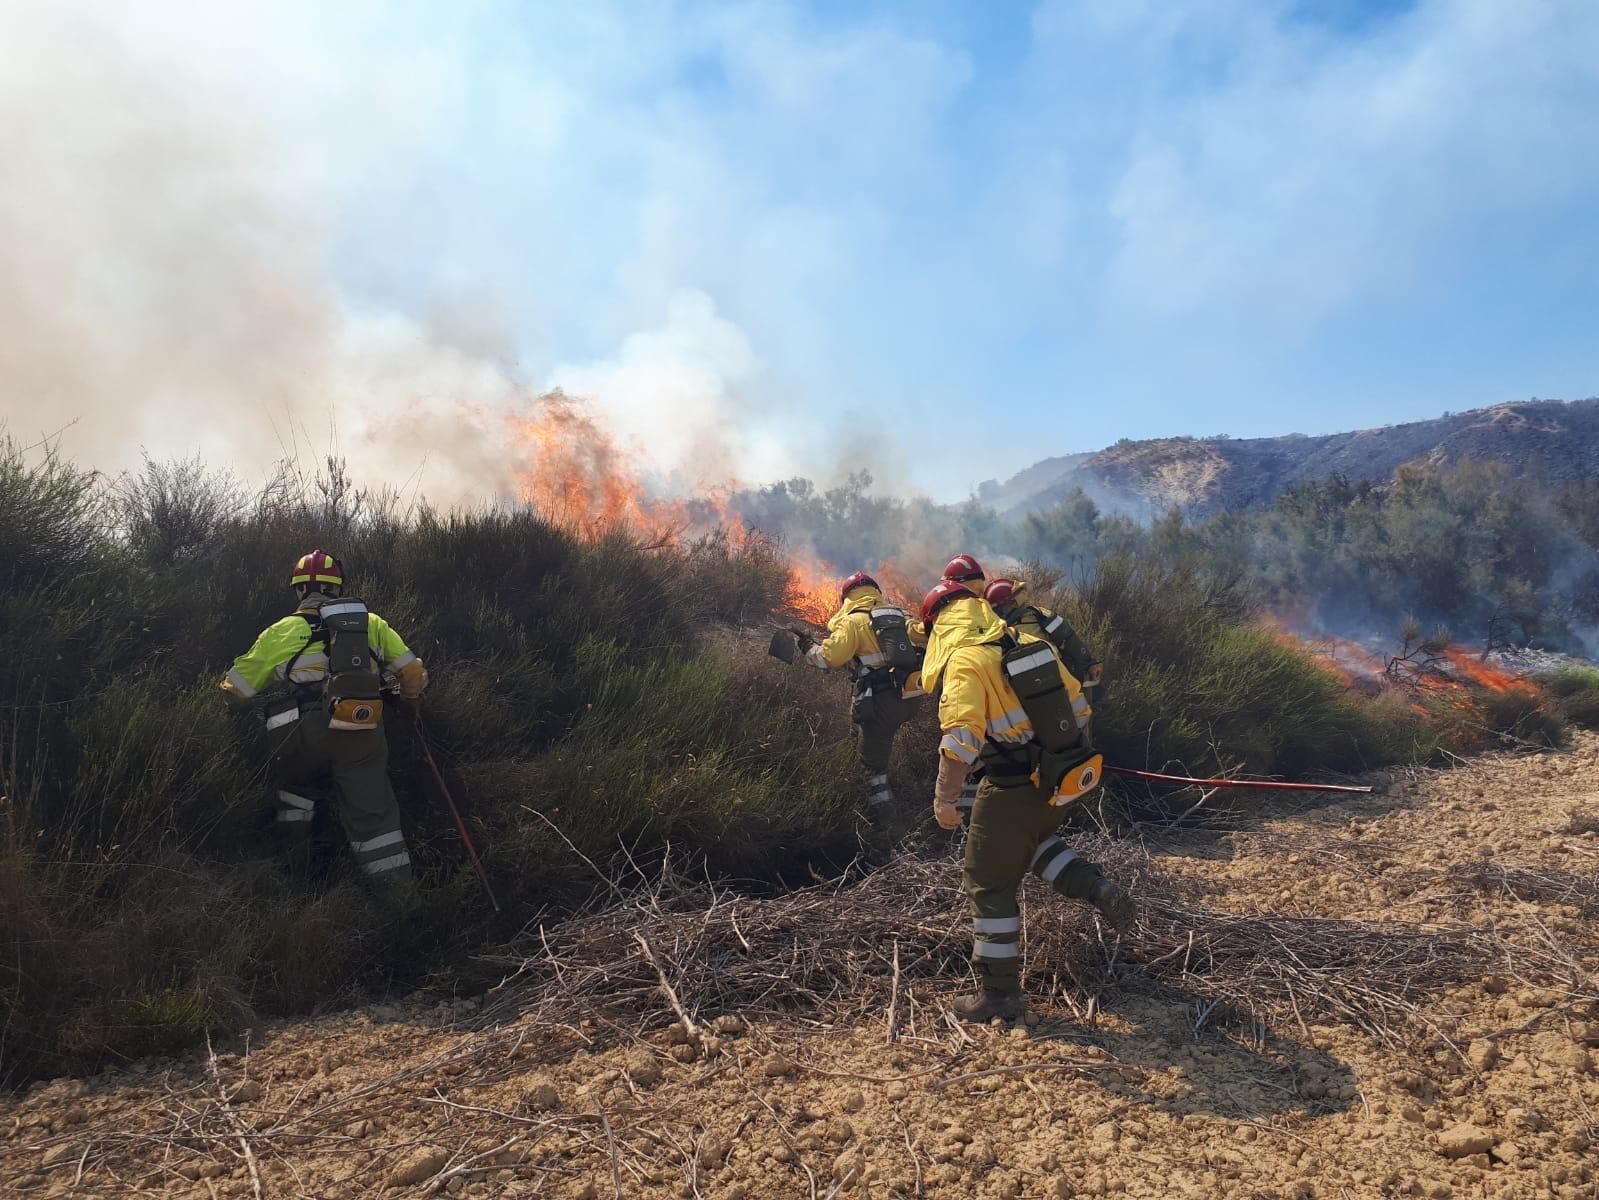 Incendio en Rambla Salada de Murcia. Imagen: 112